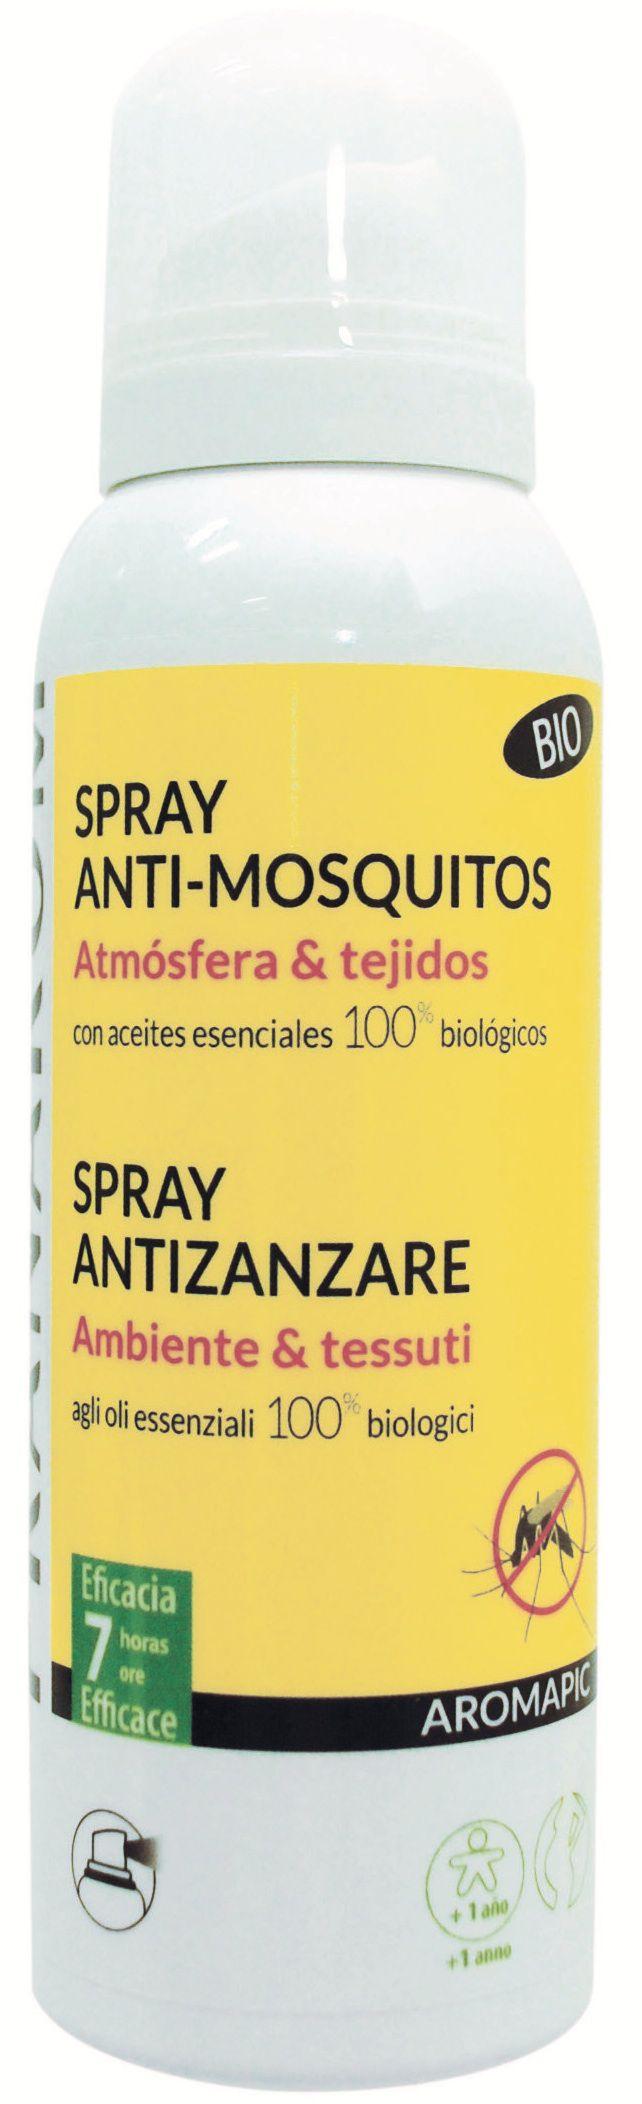 Pranarom Aromapic Bio spray antimosquitos 100ml